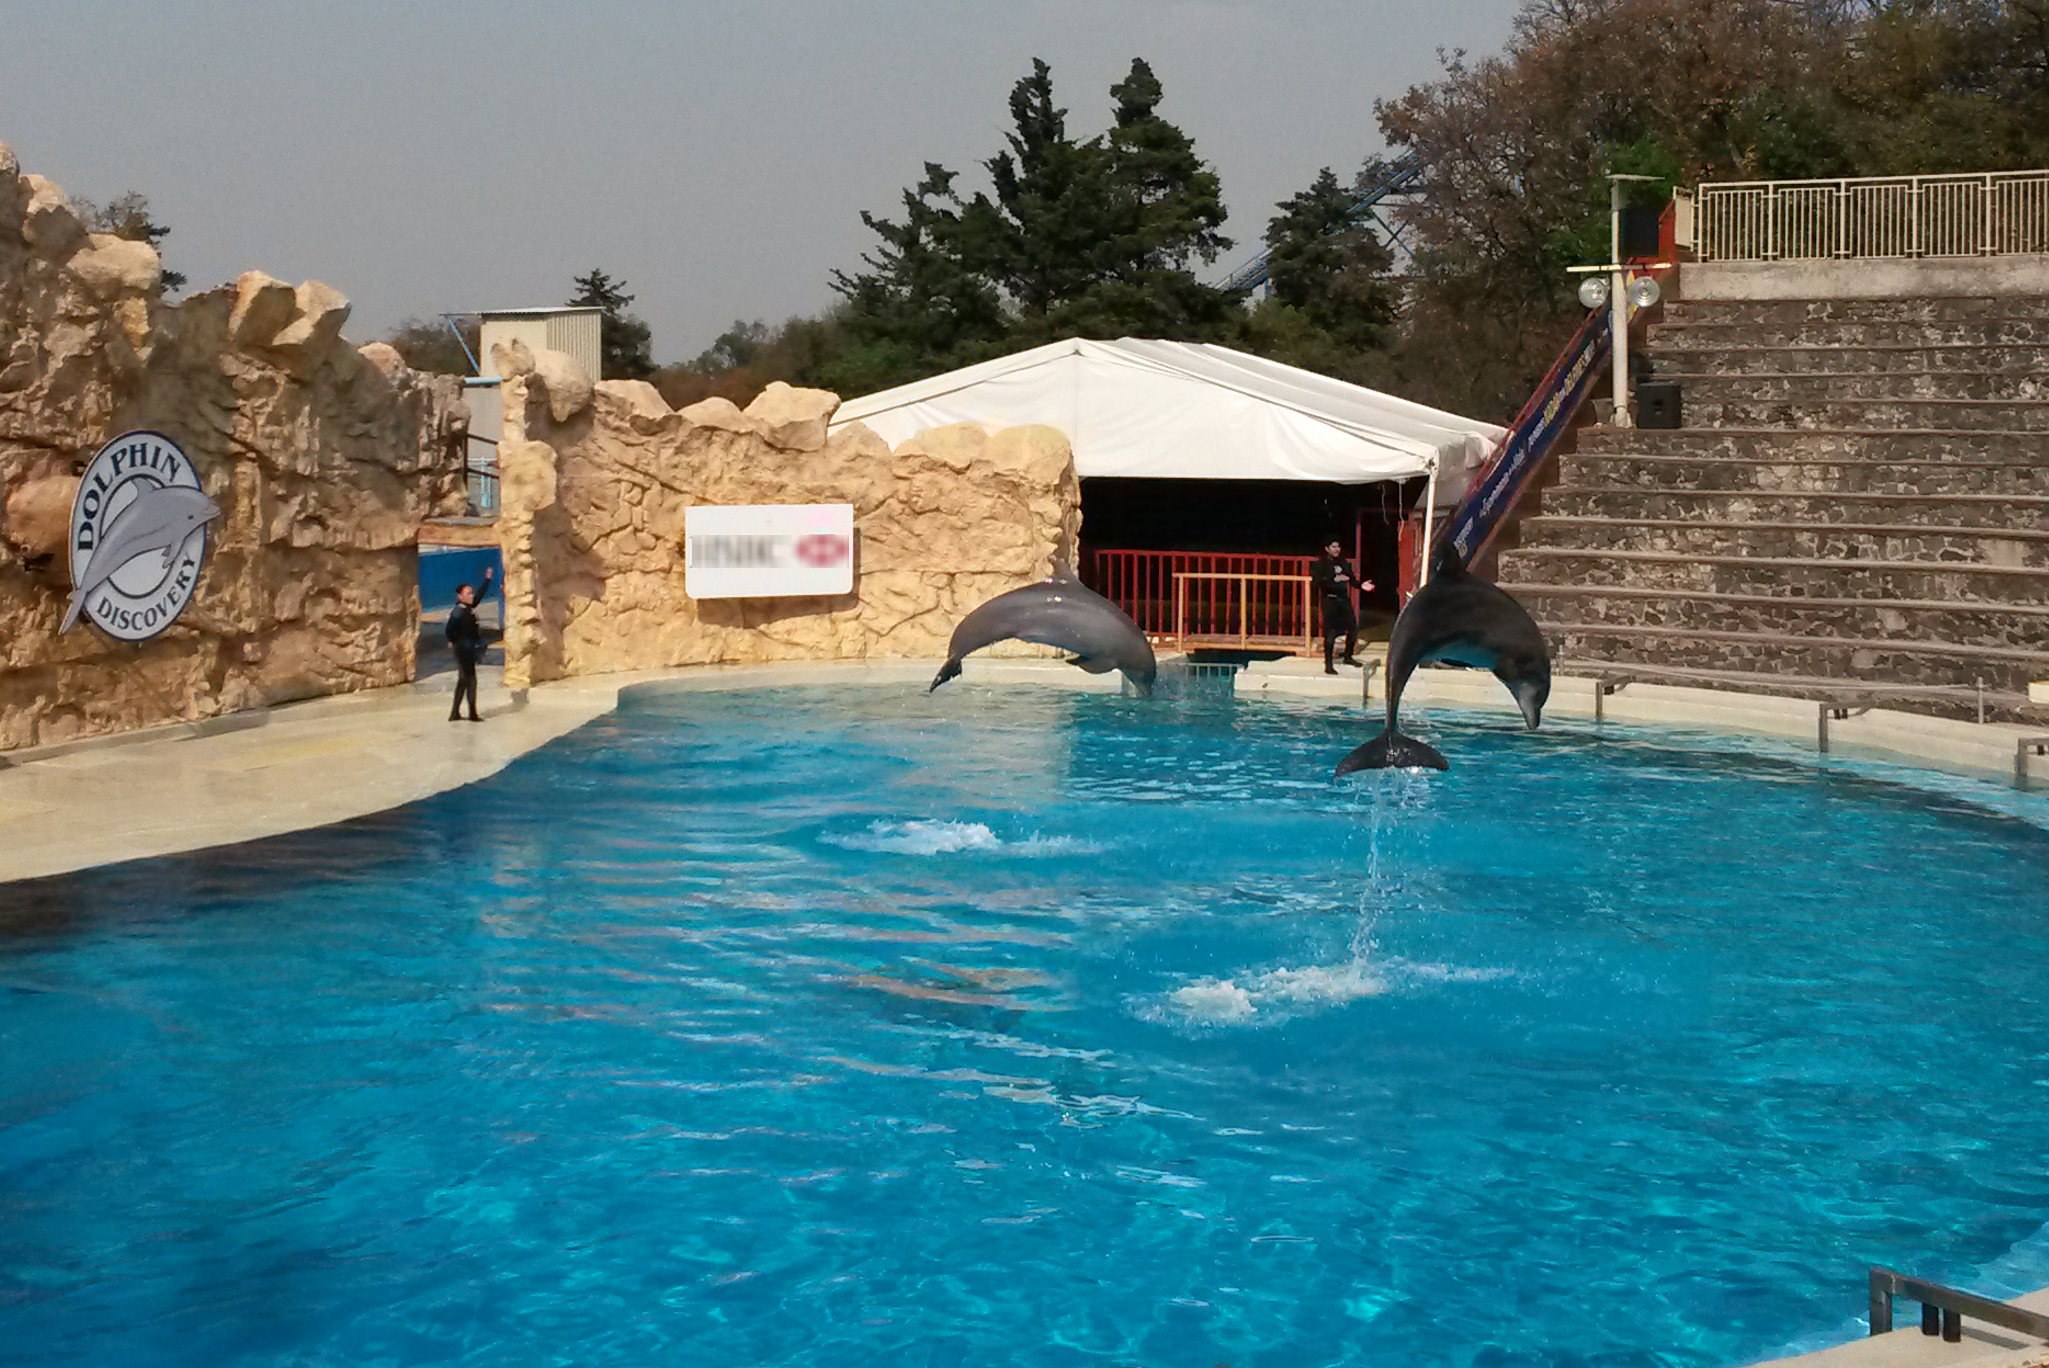 Se impondrán multas de hasta 300 mil pesos a quienes sigan utilizando delfines